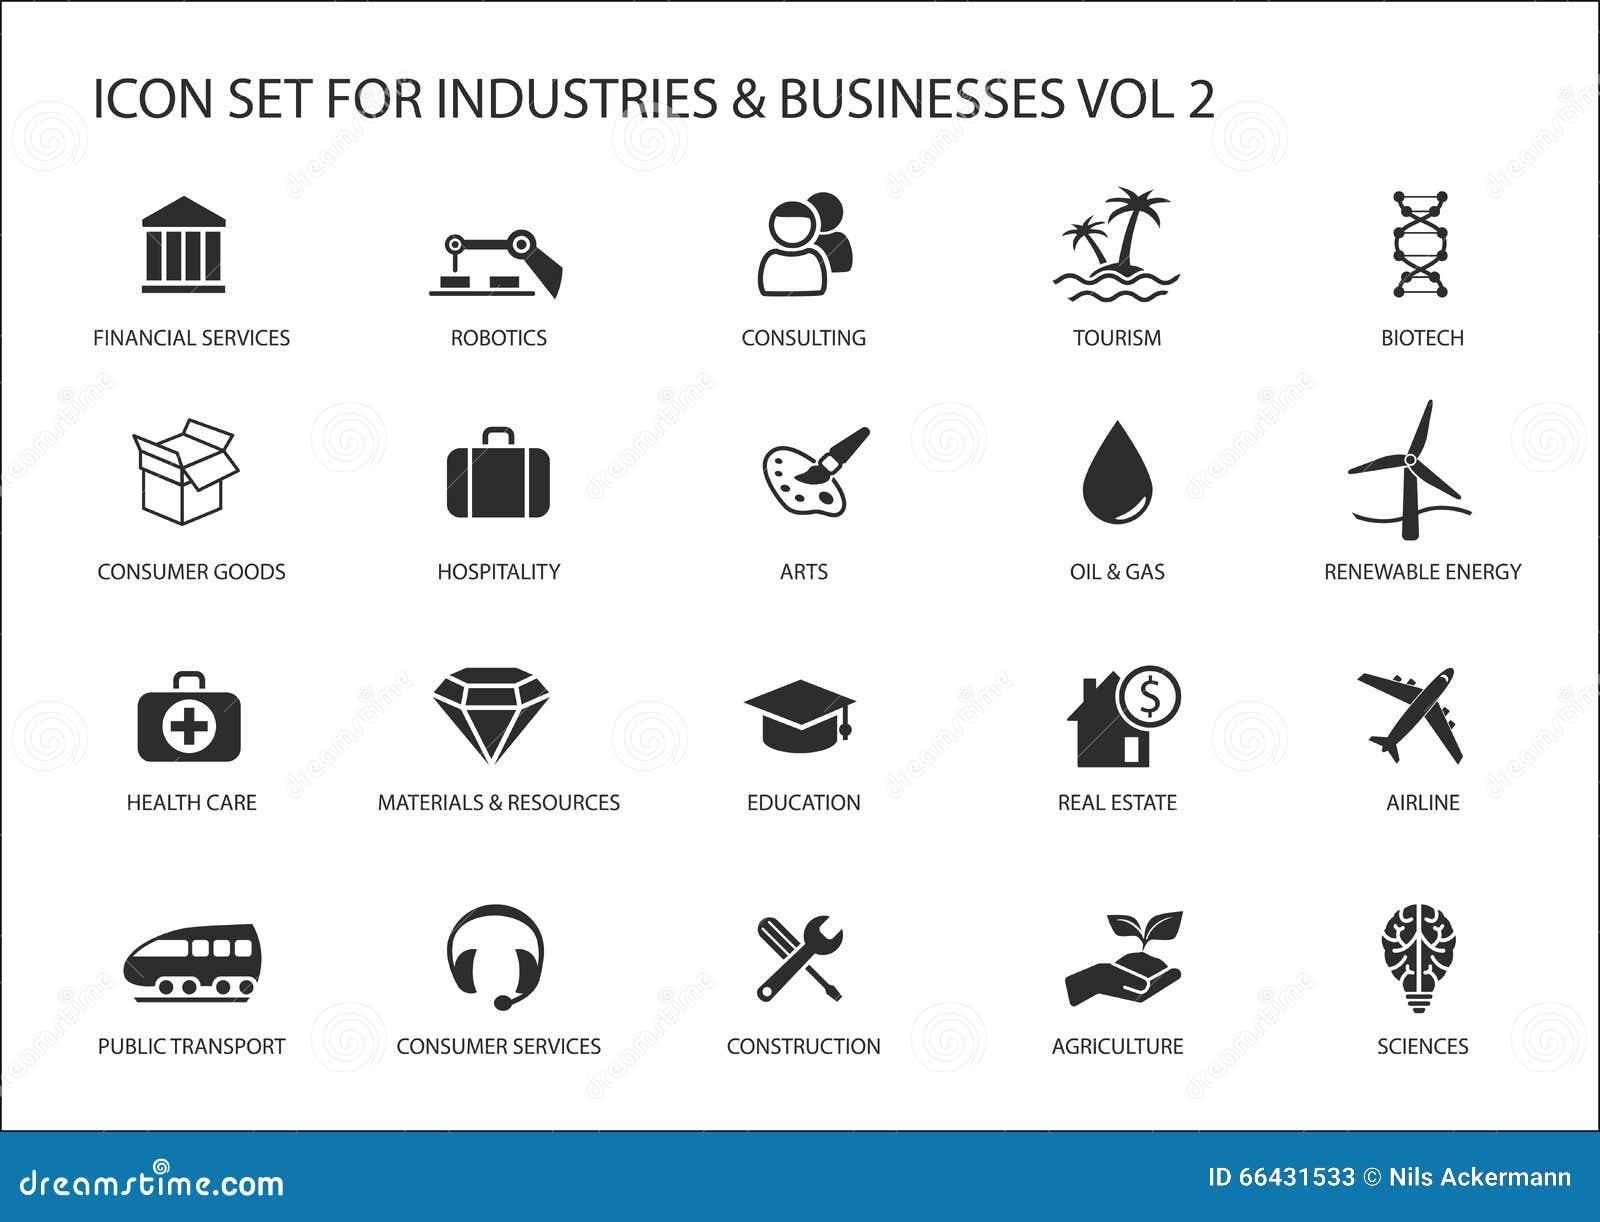 Επιχειρησιακά εικονίδια και σύμβολα των διάφορων βιομηχανιών/των επιχειρηματικών τομέων όπως τη διαβούλευση, τουρισμός, φιλοξενία